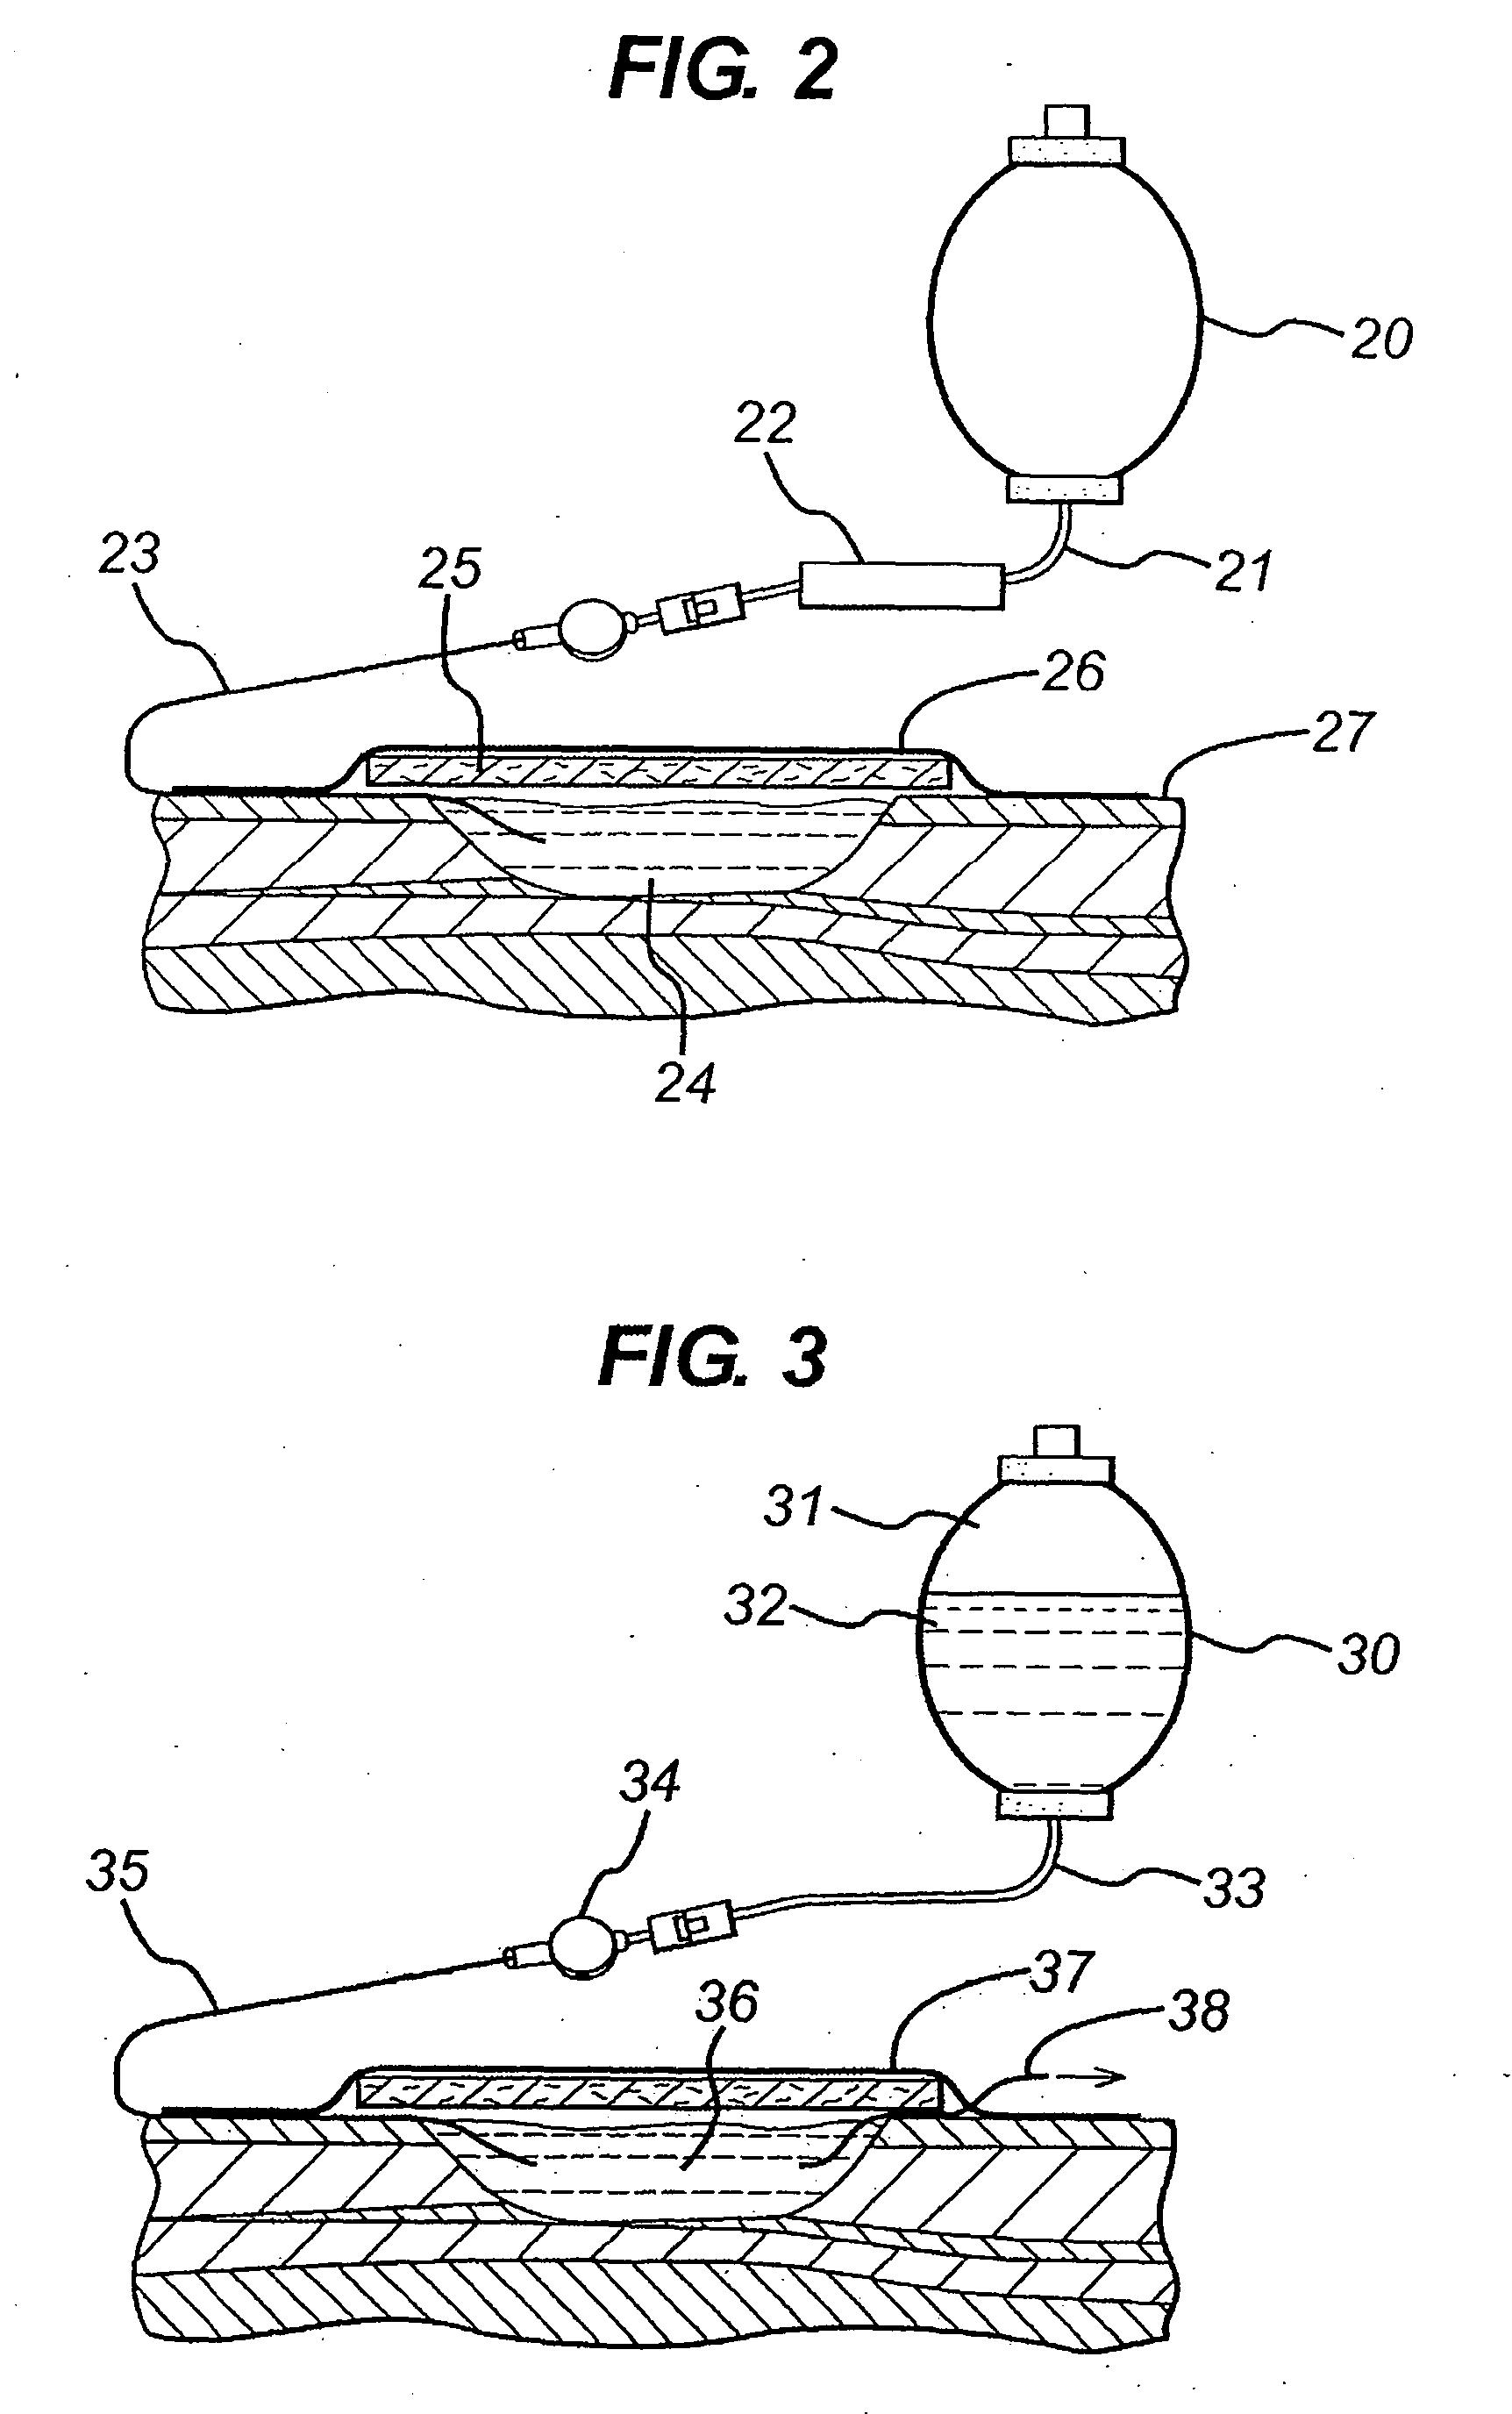 patent ep2149358a1 verwendung von sauerstoff zur wundbehandlung google patentsuche. Black Bedroom Furniture Sets. Home Design Ideas